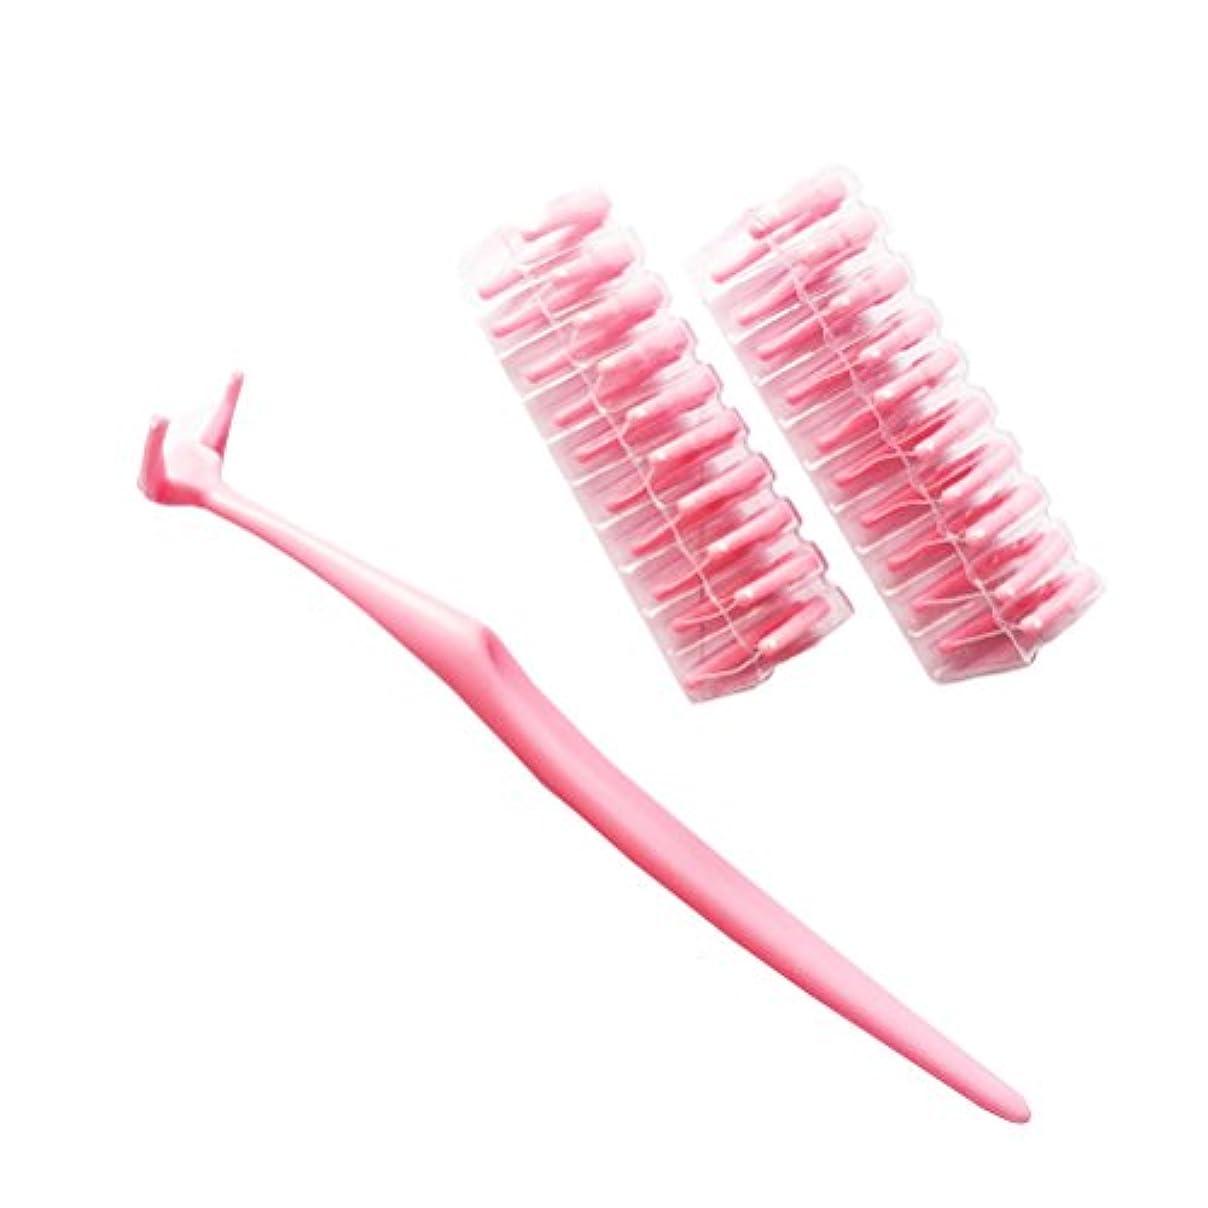 原稿スチール許可ROSENICE デンタルフロス20個交換可能なプラスチック製の歯ブラシのナイロンワイヤーフロススティック(ピンク)